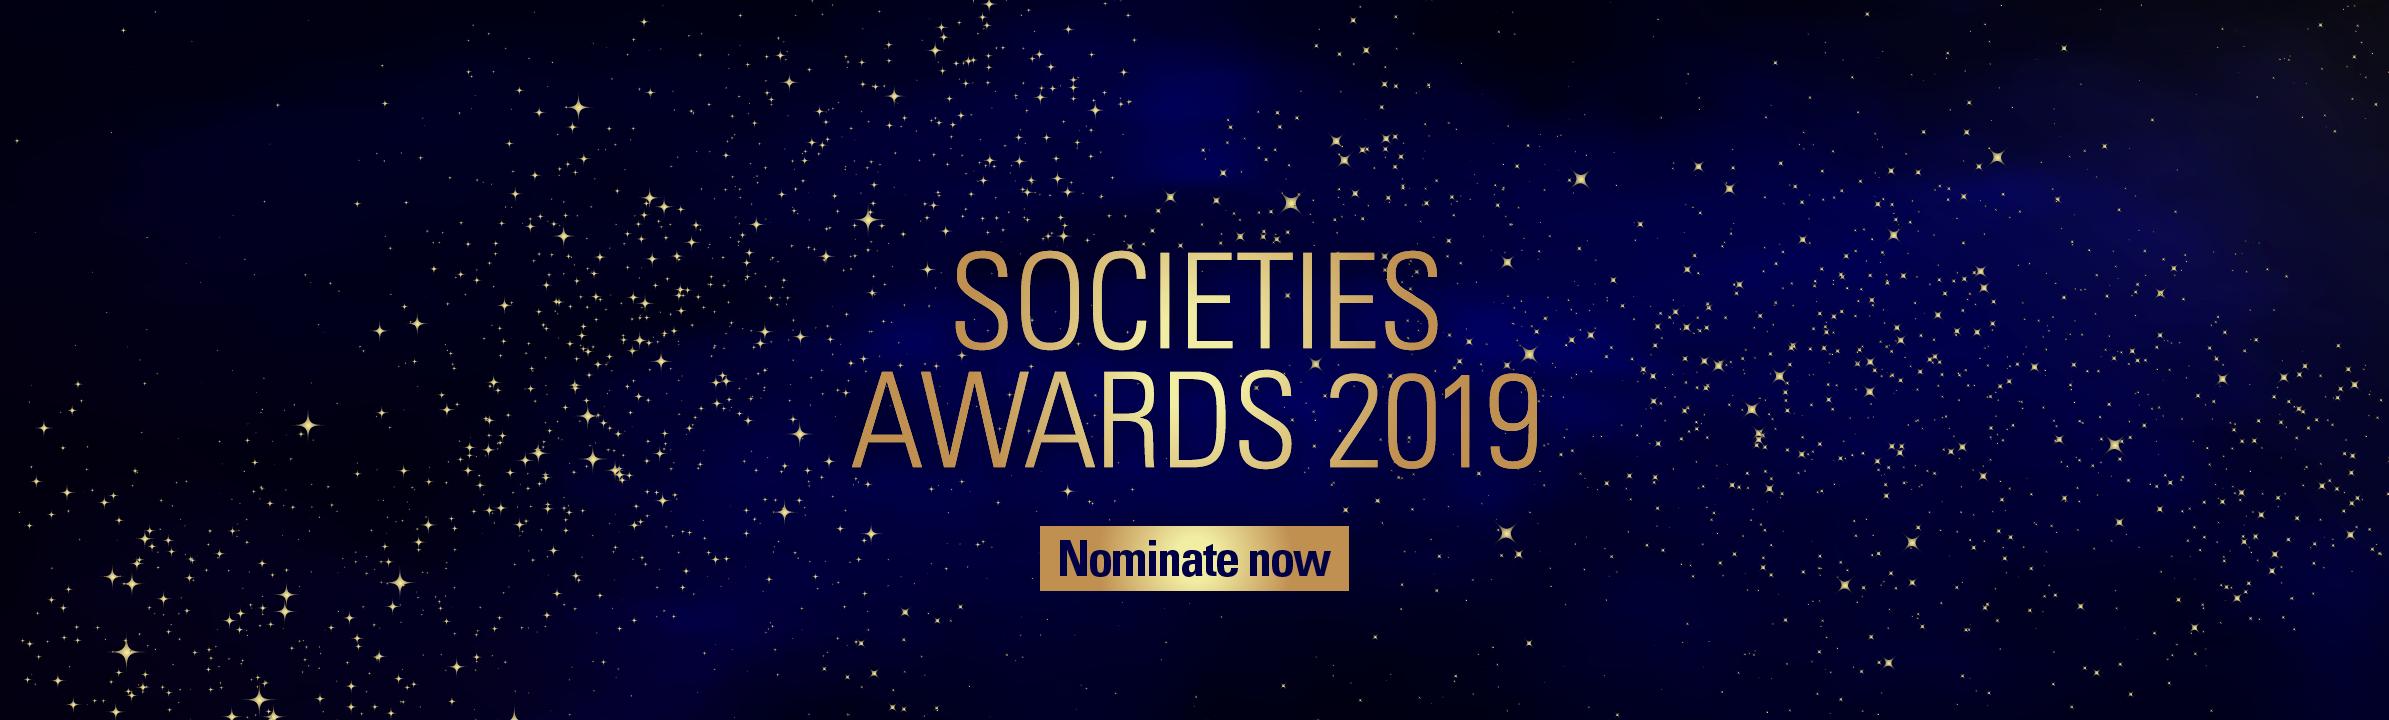 Hp header socawards nominate